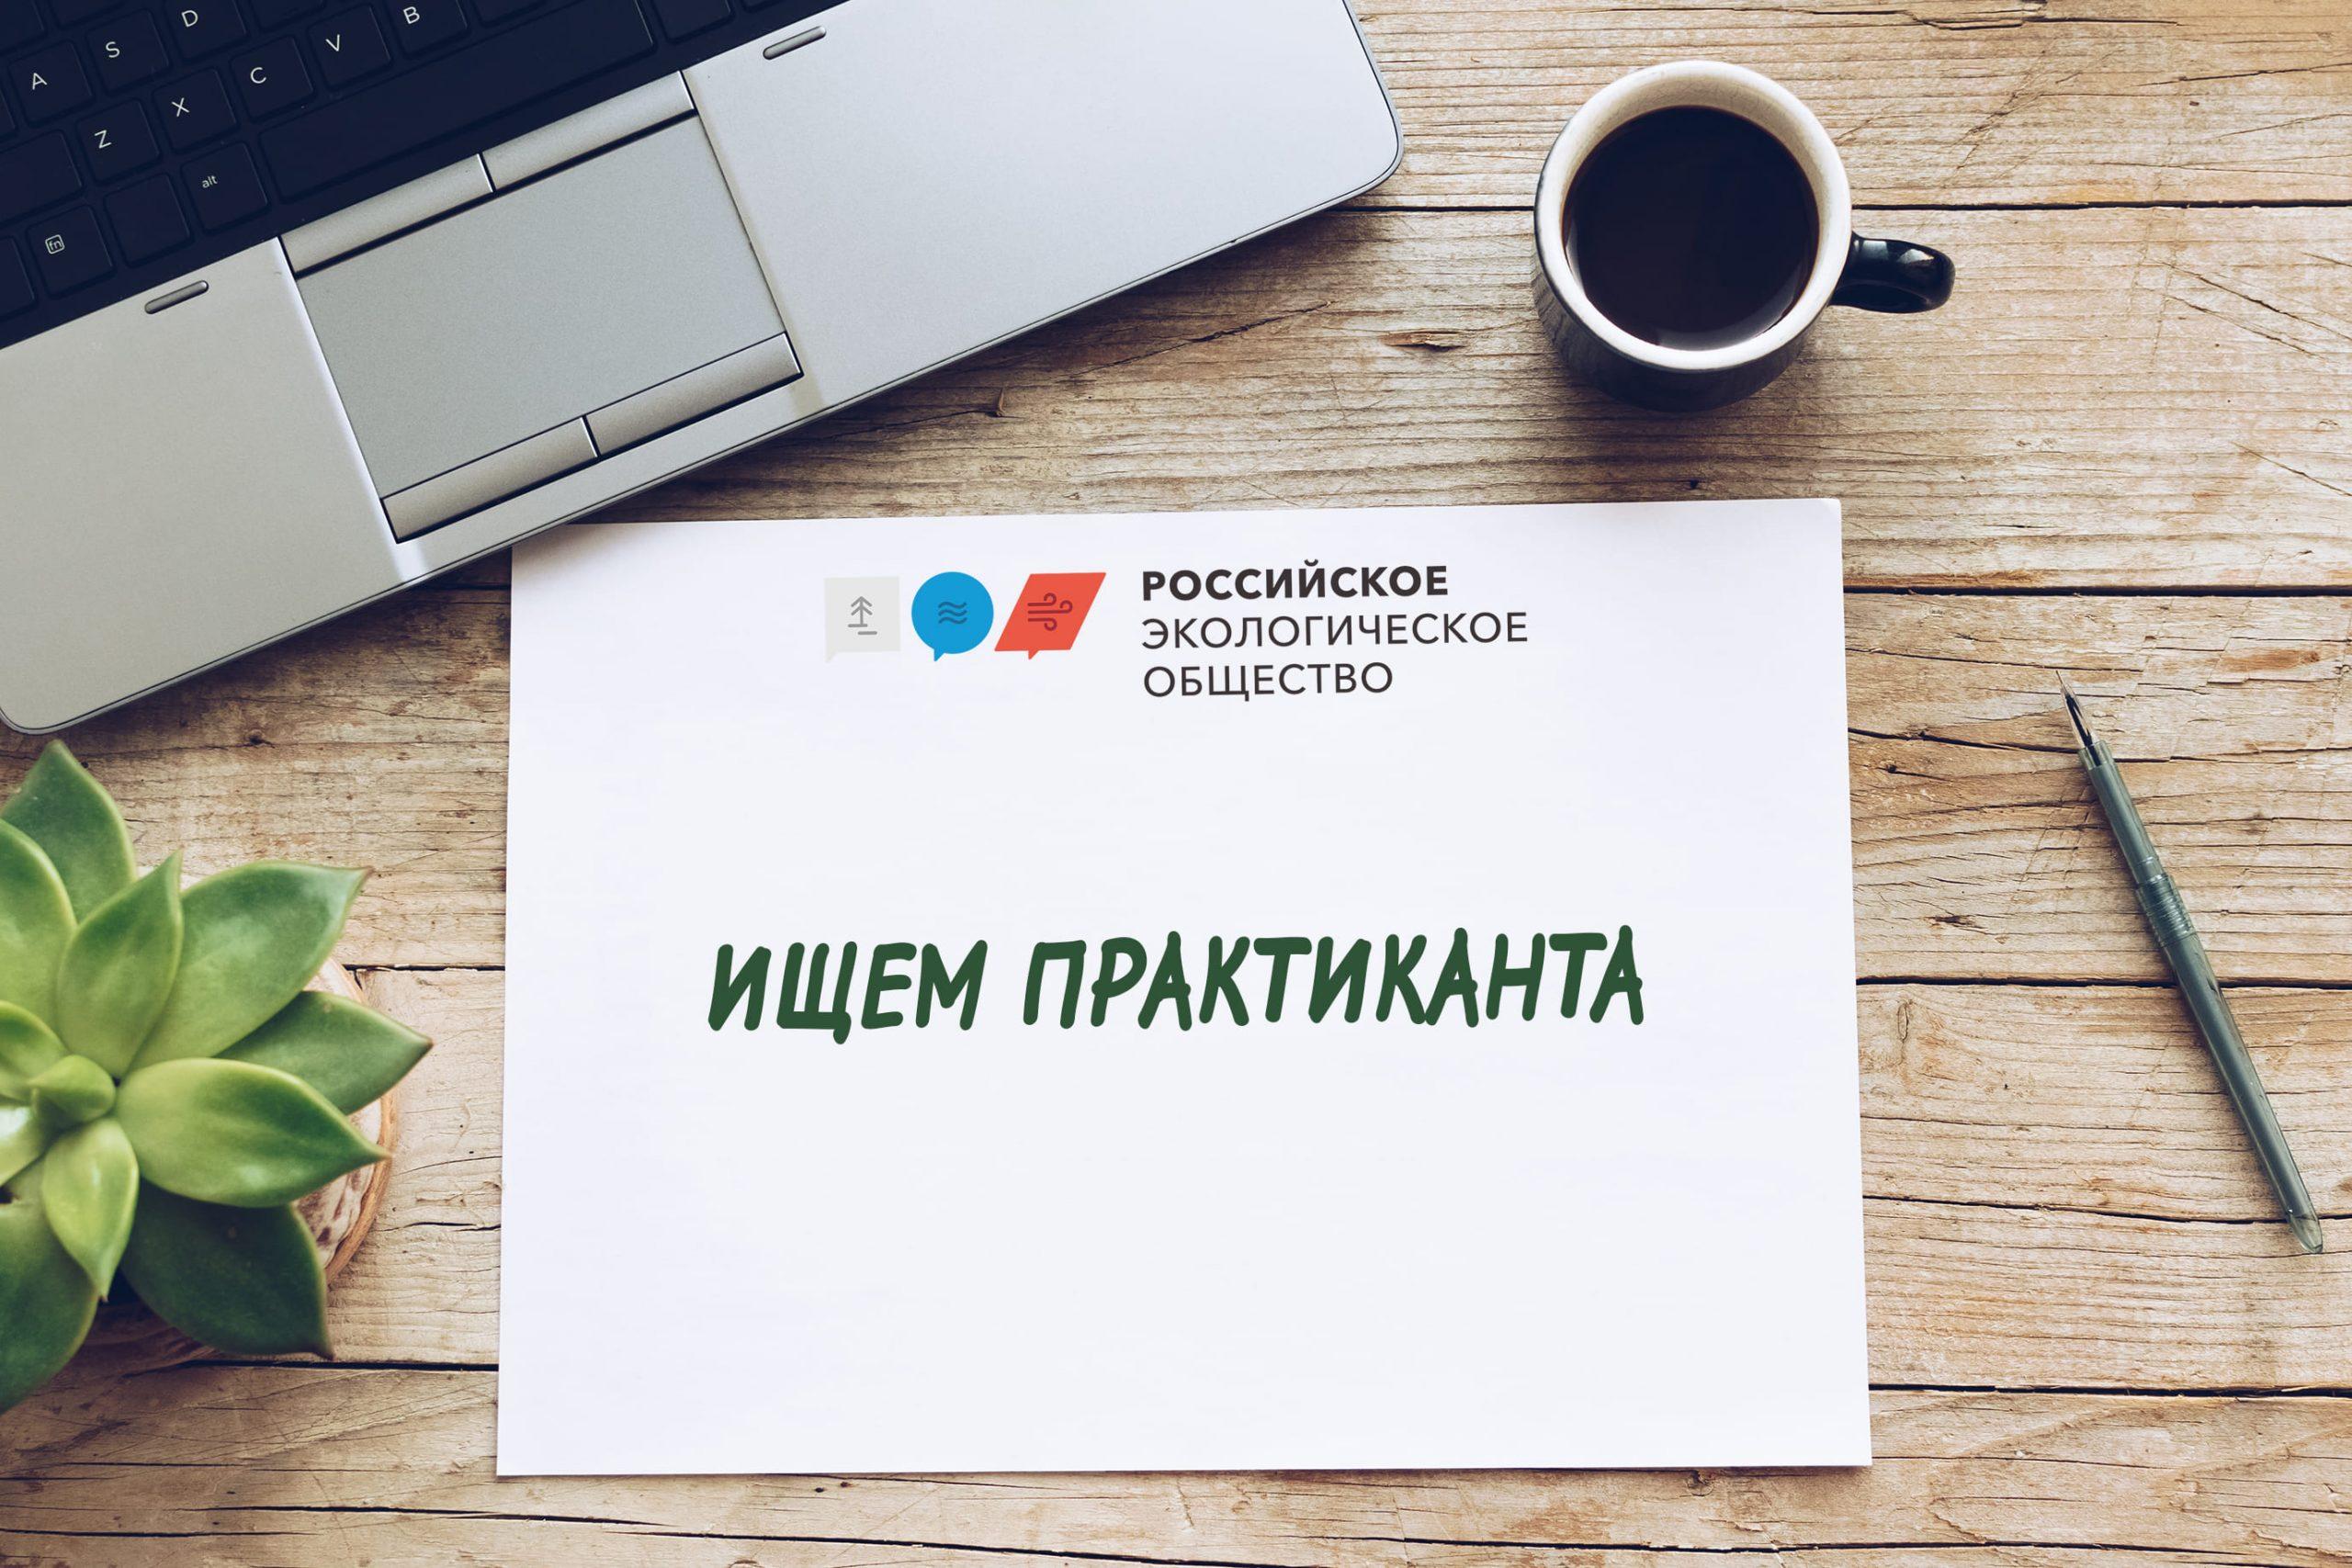 Российское экологическое общество приглашает студентов на практику